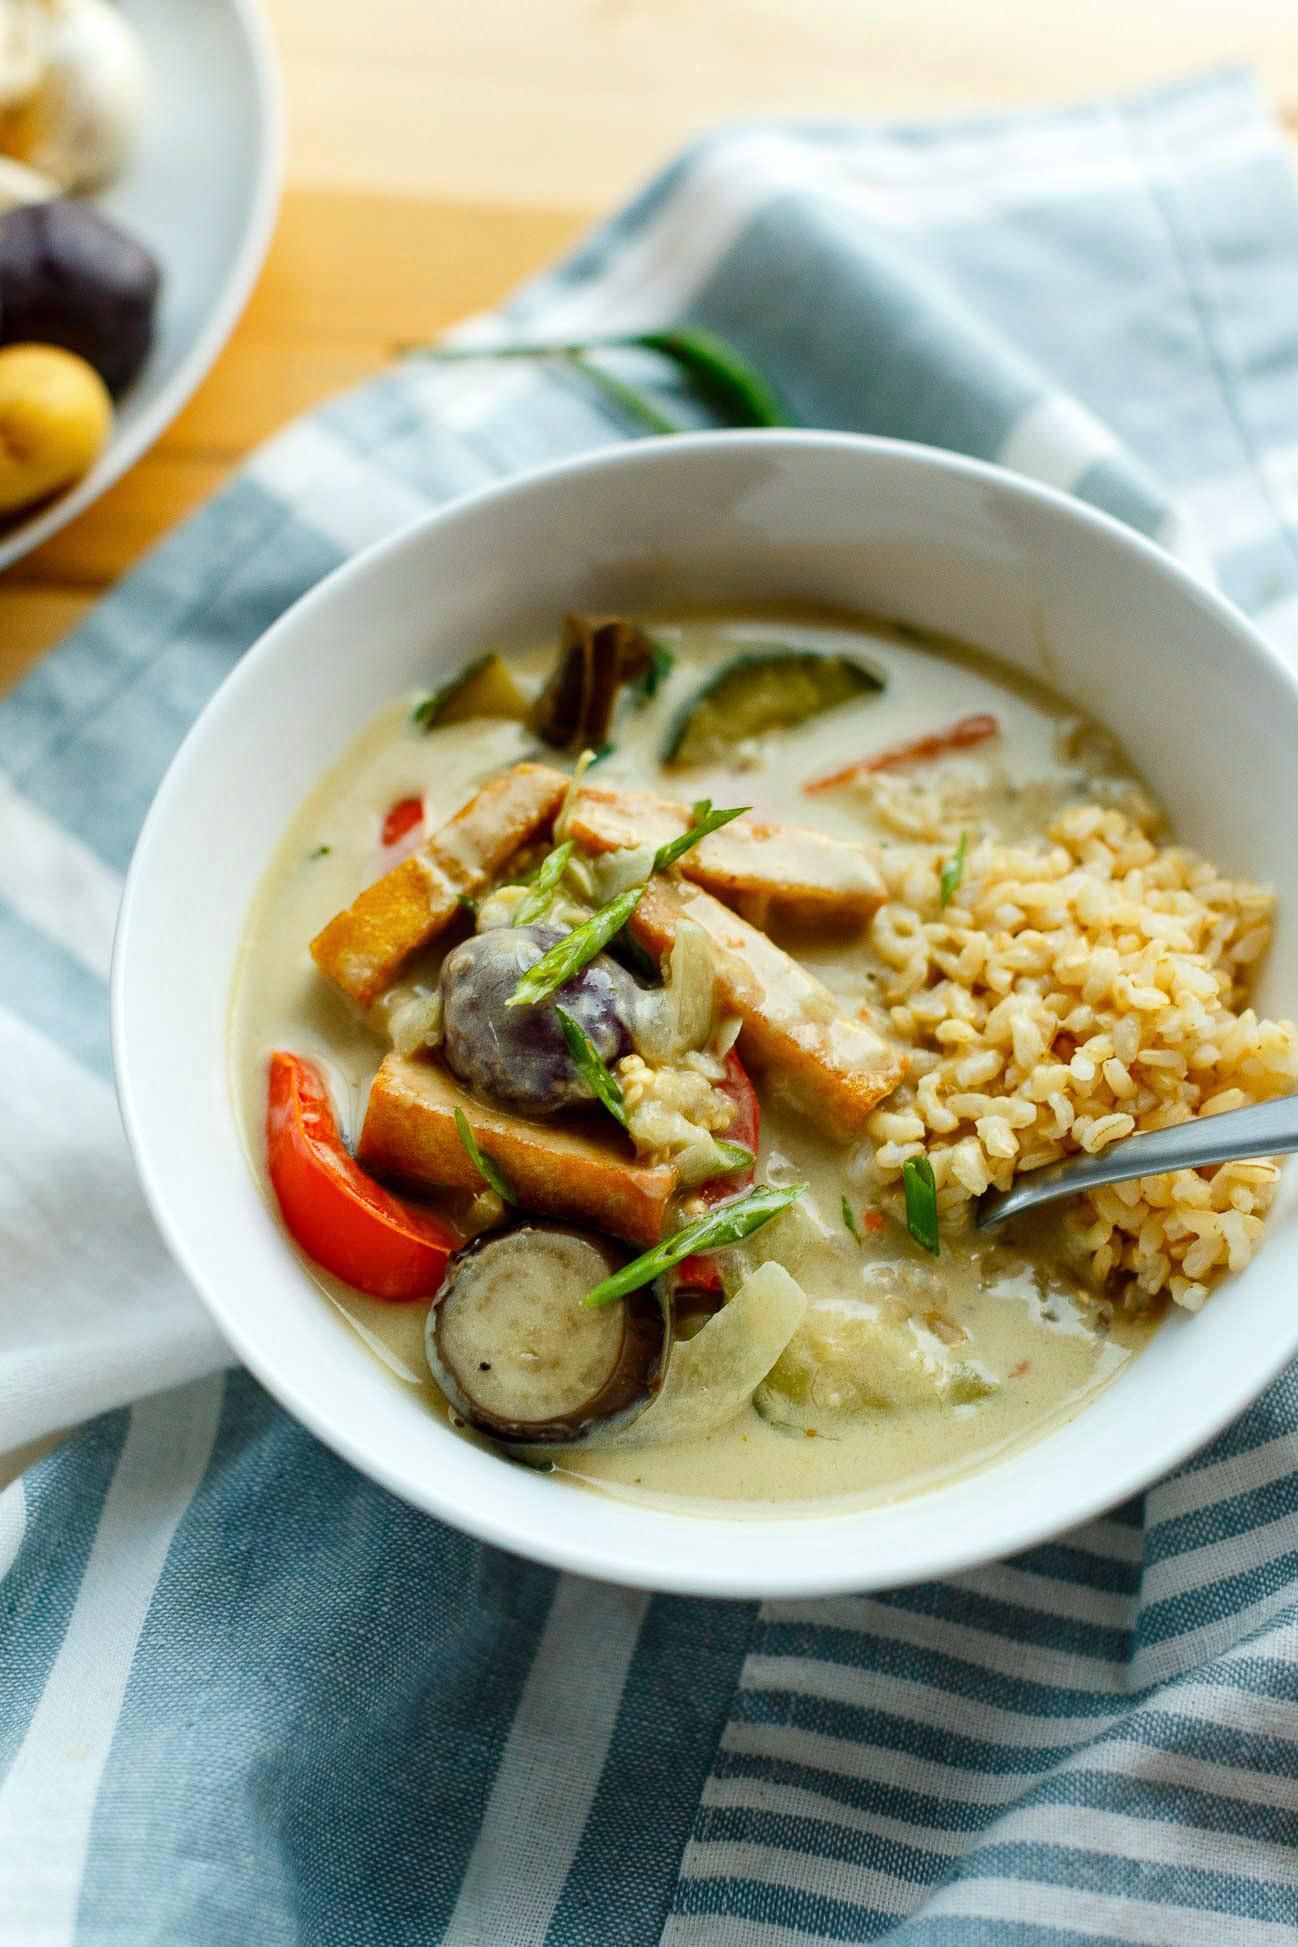 Vegetarian Thai Green Curry Recipes  Vegan Thai Green Curry I LOVE VEGAN ilovevegan